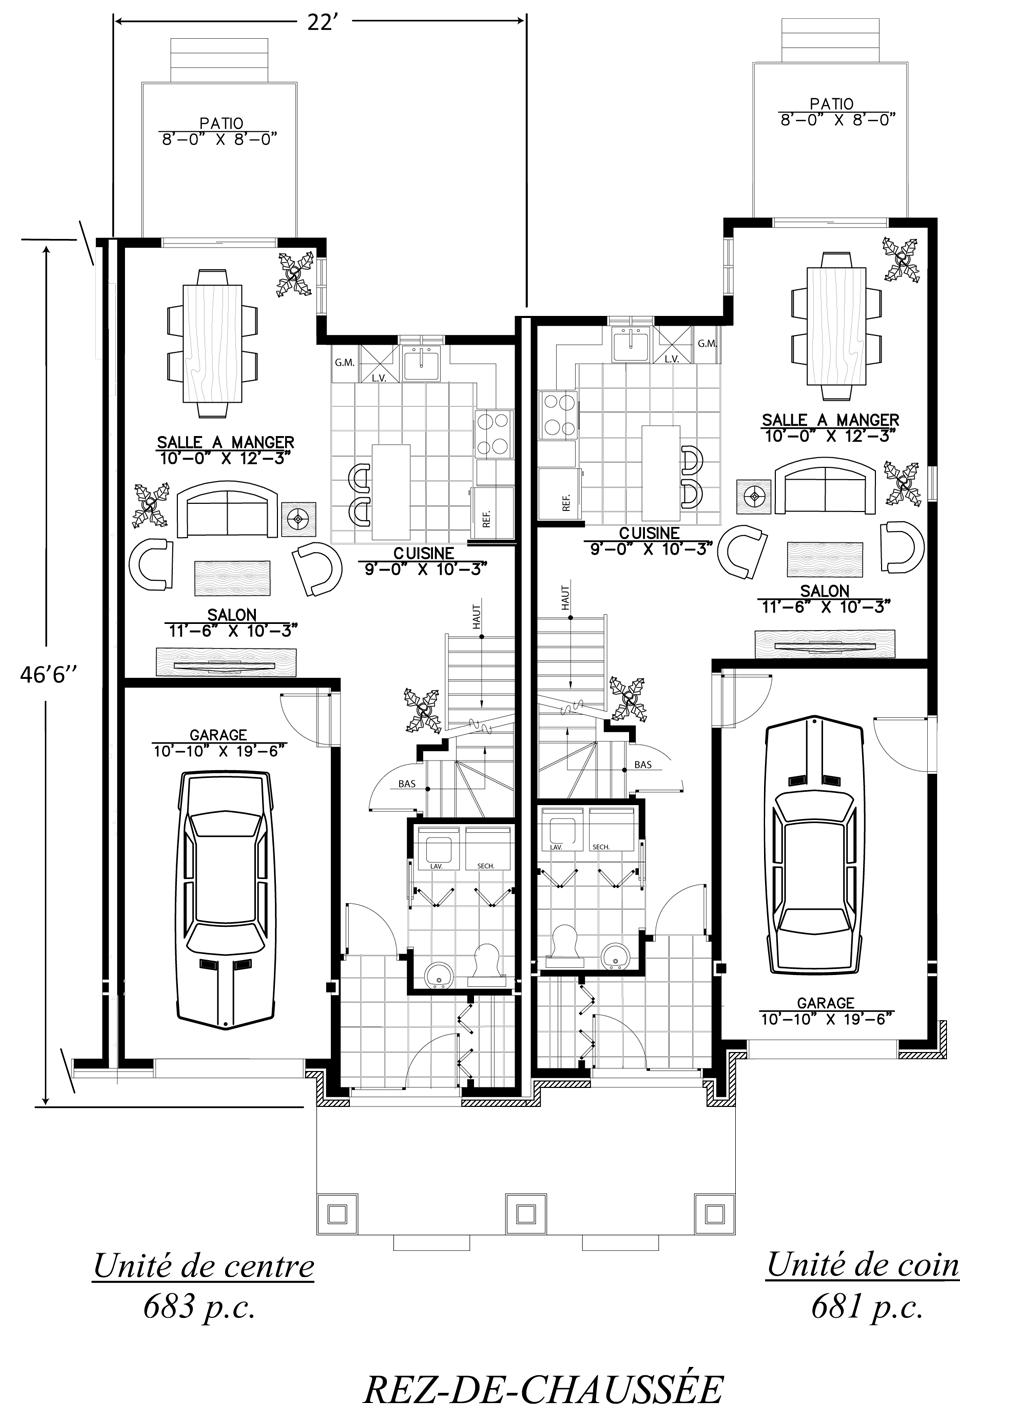 Maisons de ville en rang e les constructions r m r for Modele de plan de maison